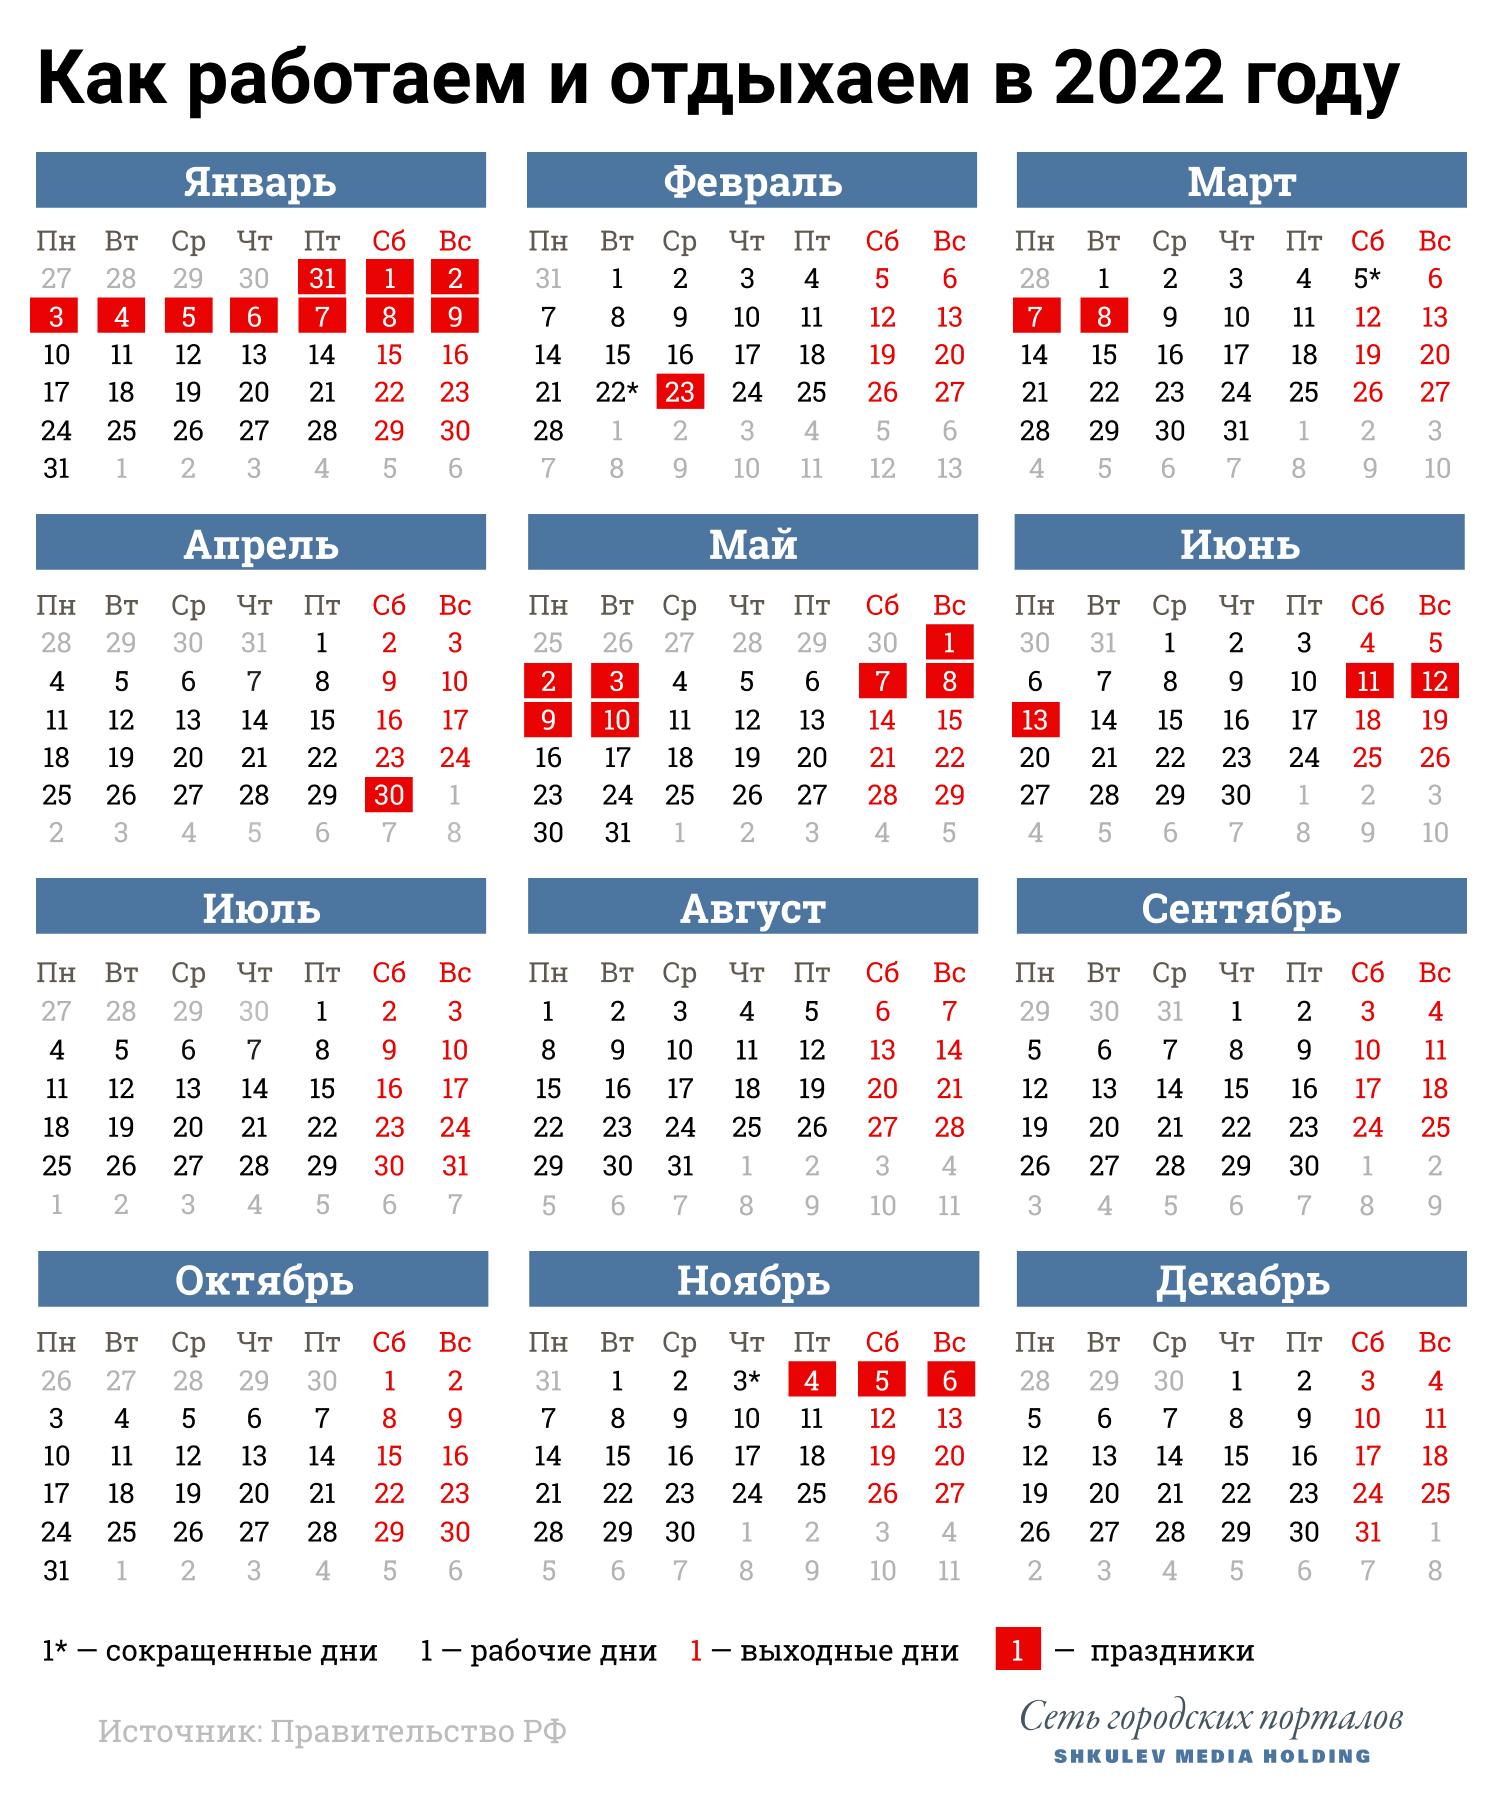 Календарь выходных и рабочих дней в 2022 году